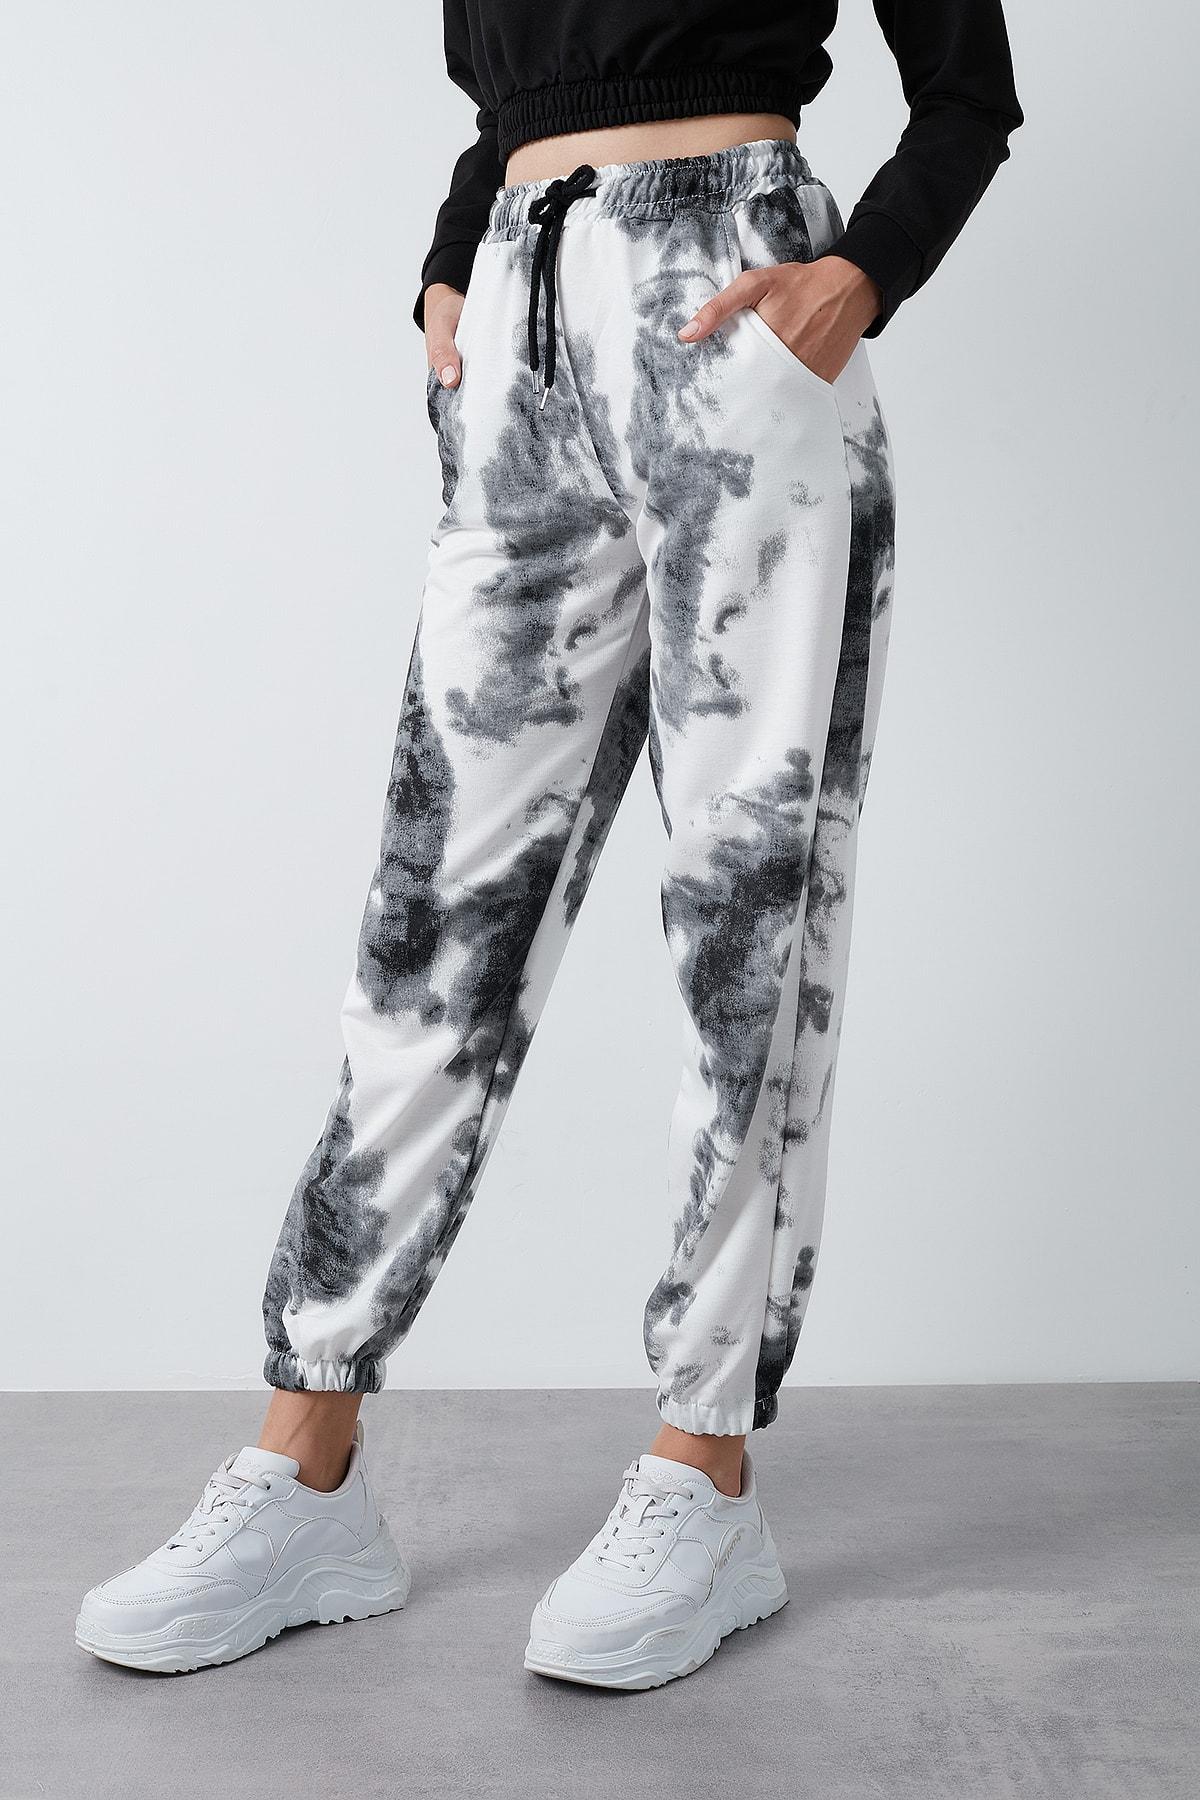 Lela Kadın Siyah Belden Bağlamalı Cepli Paçası Lastikli Pantolon 2